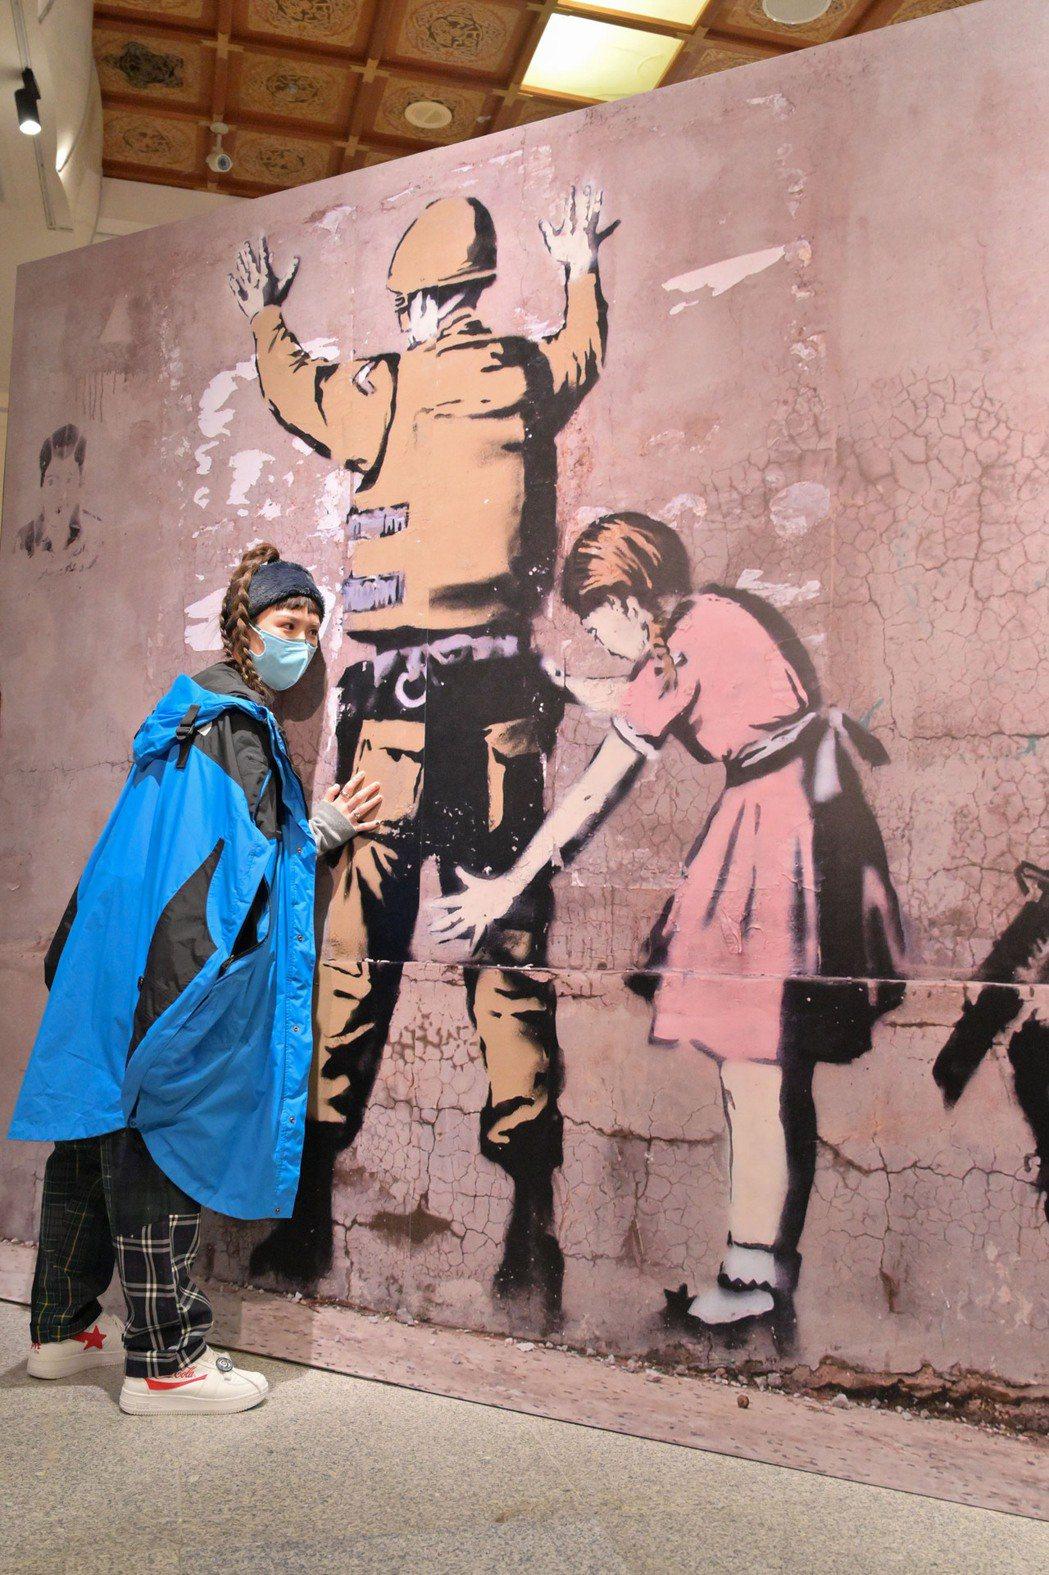 魏如昀相當欣賞Banksy的叛逆態度與不受侷限的創作方式。圖/寬宏藝術提供